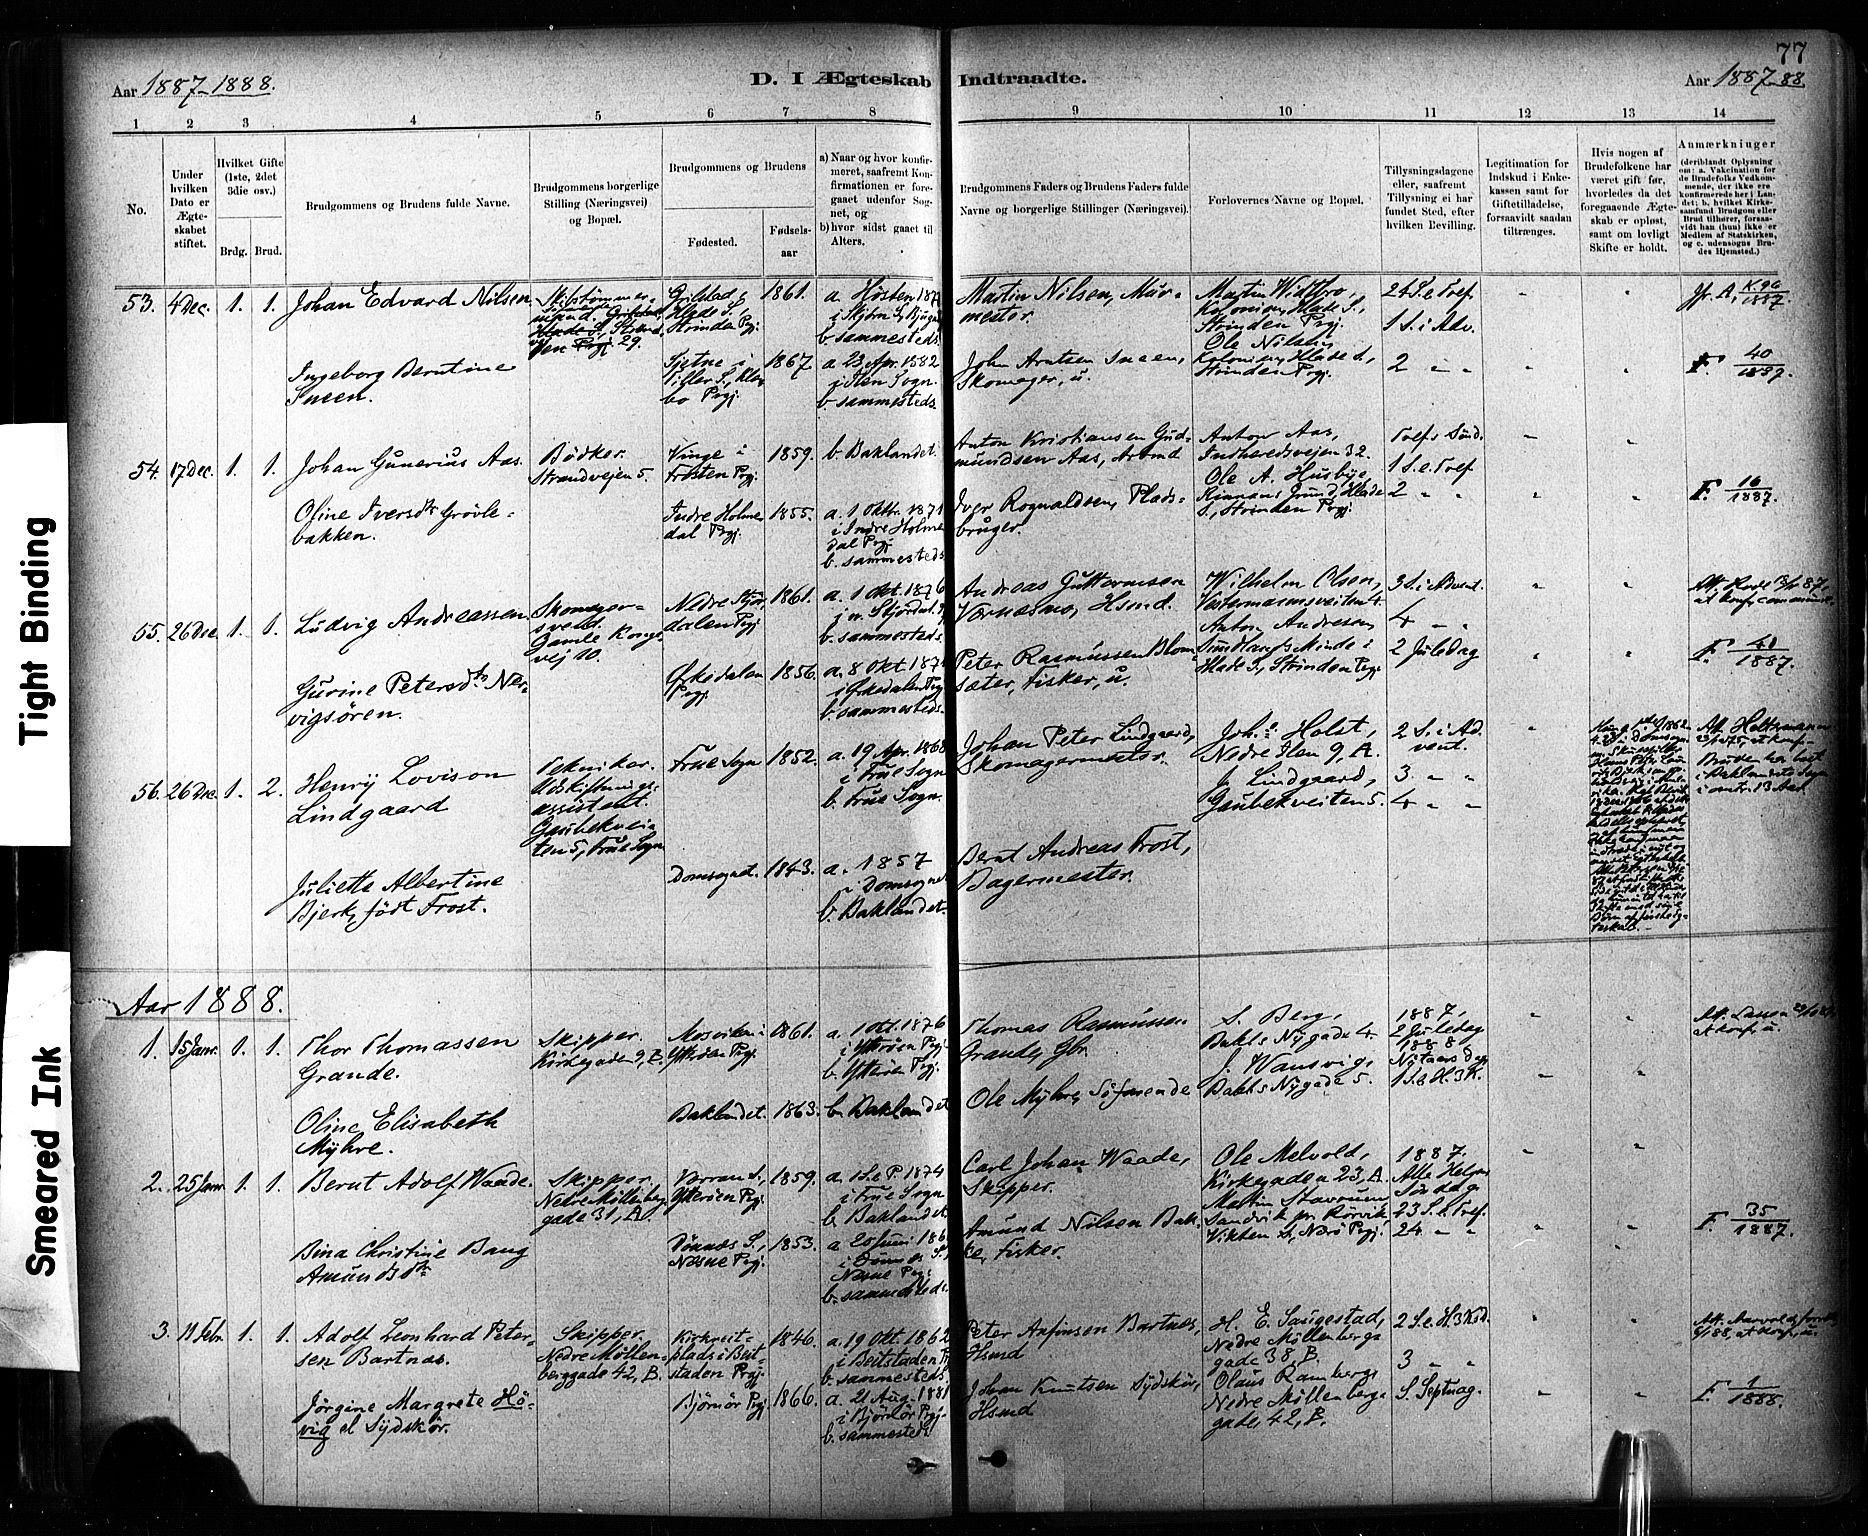 SAT, Ministerialprotokoller, klokkerbøker og fødselsregistre - Sør-Trøndelag, 604/L0189: Ministerialbok nr. 604A10, 1878-1892, s. 77